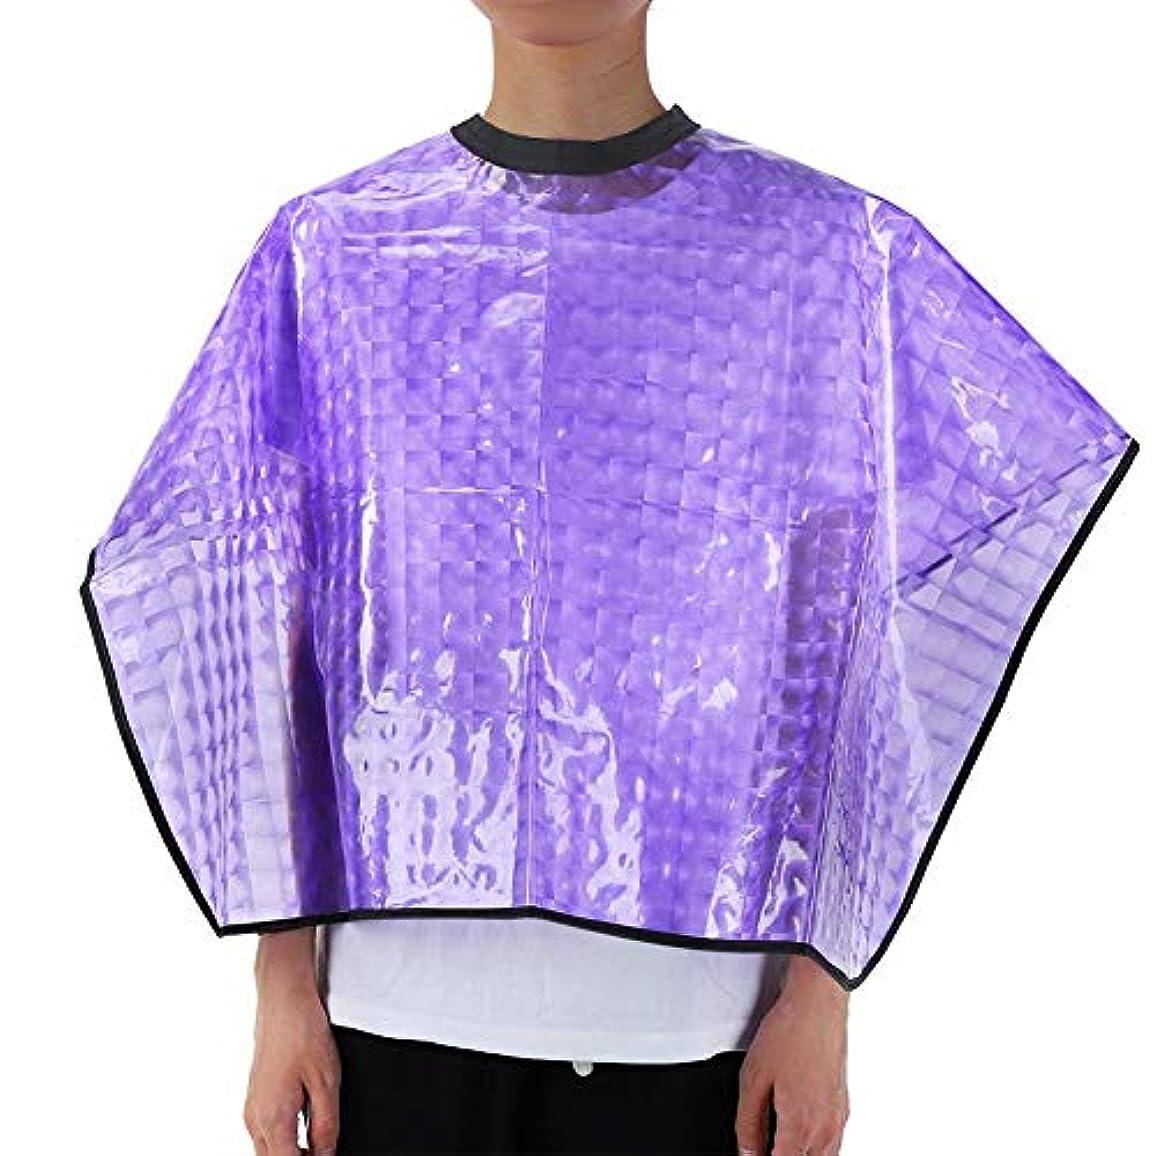 中央意見交差点プロのサロンケープ、80 x 76 cm理髪ショール理髪店ヘアサロン理髪ショールケープラップ(紫の)